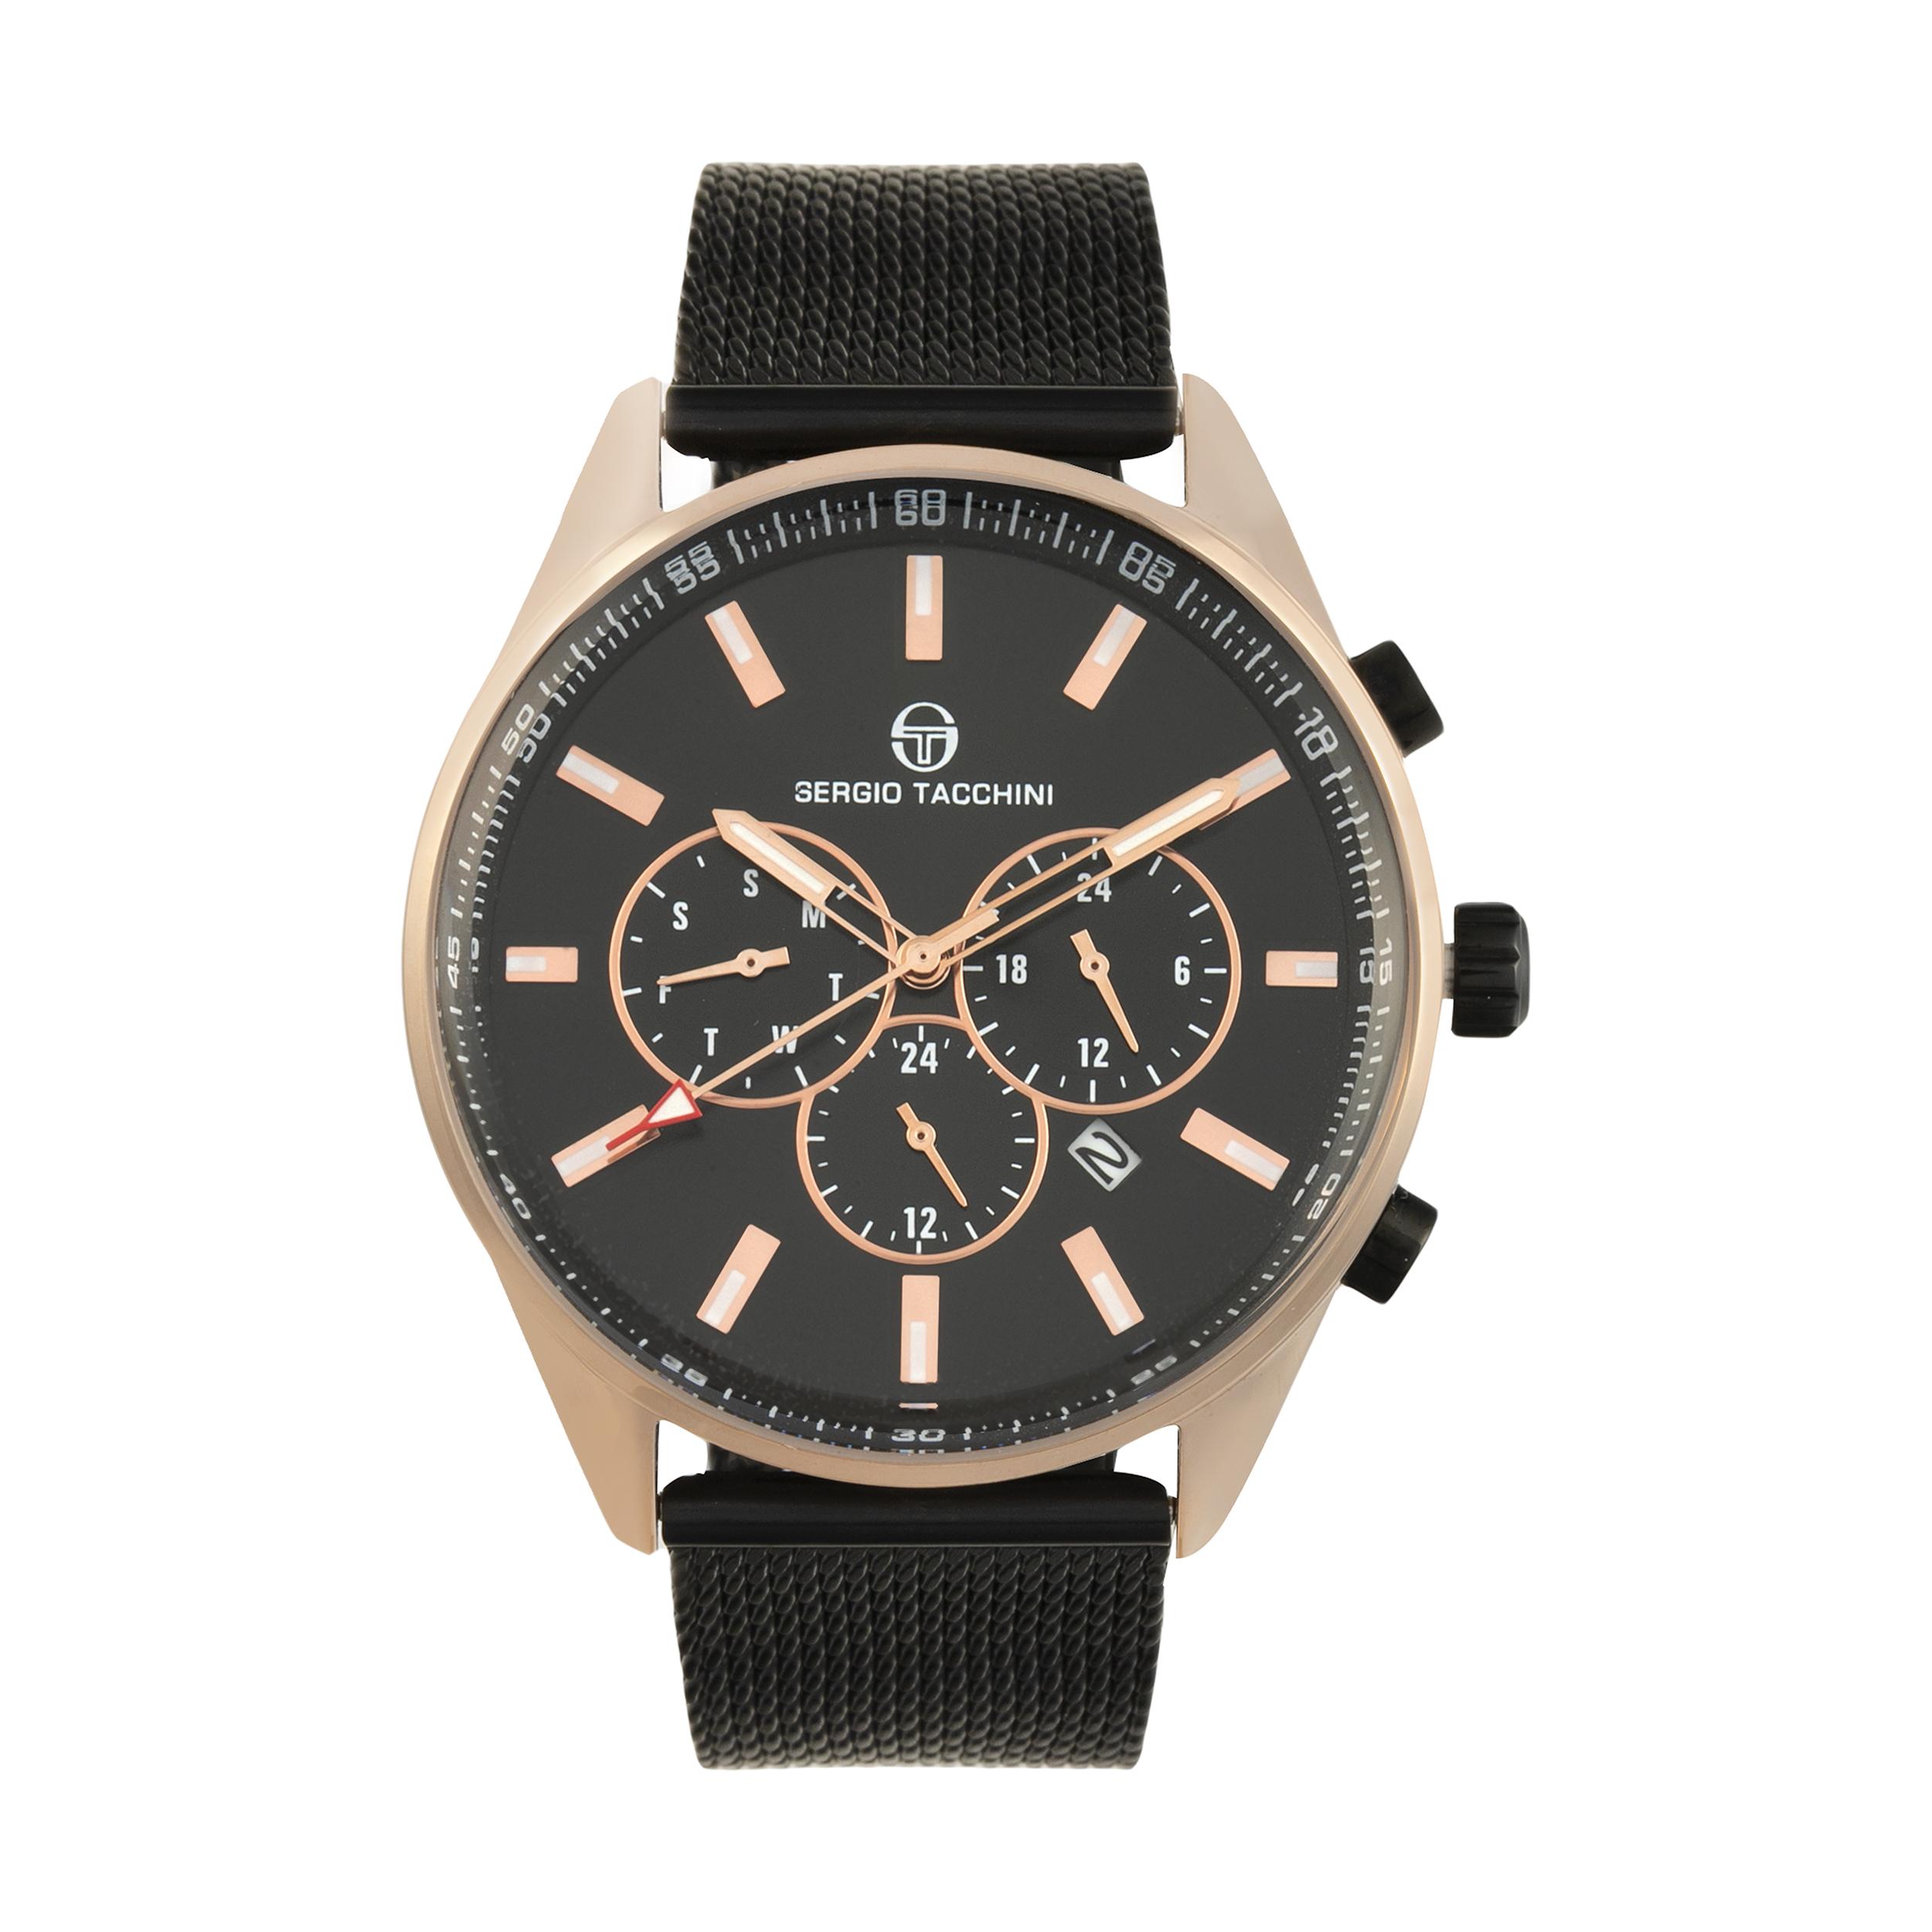 ساعت مچی عقربه ای مردانه سرجیو تاچینی مدل ST.8.131.03